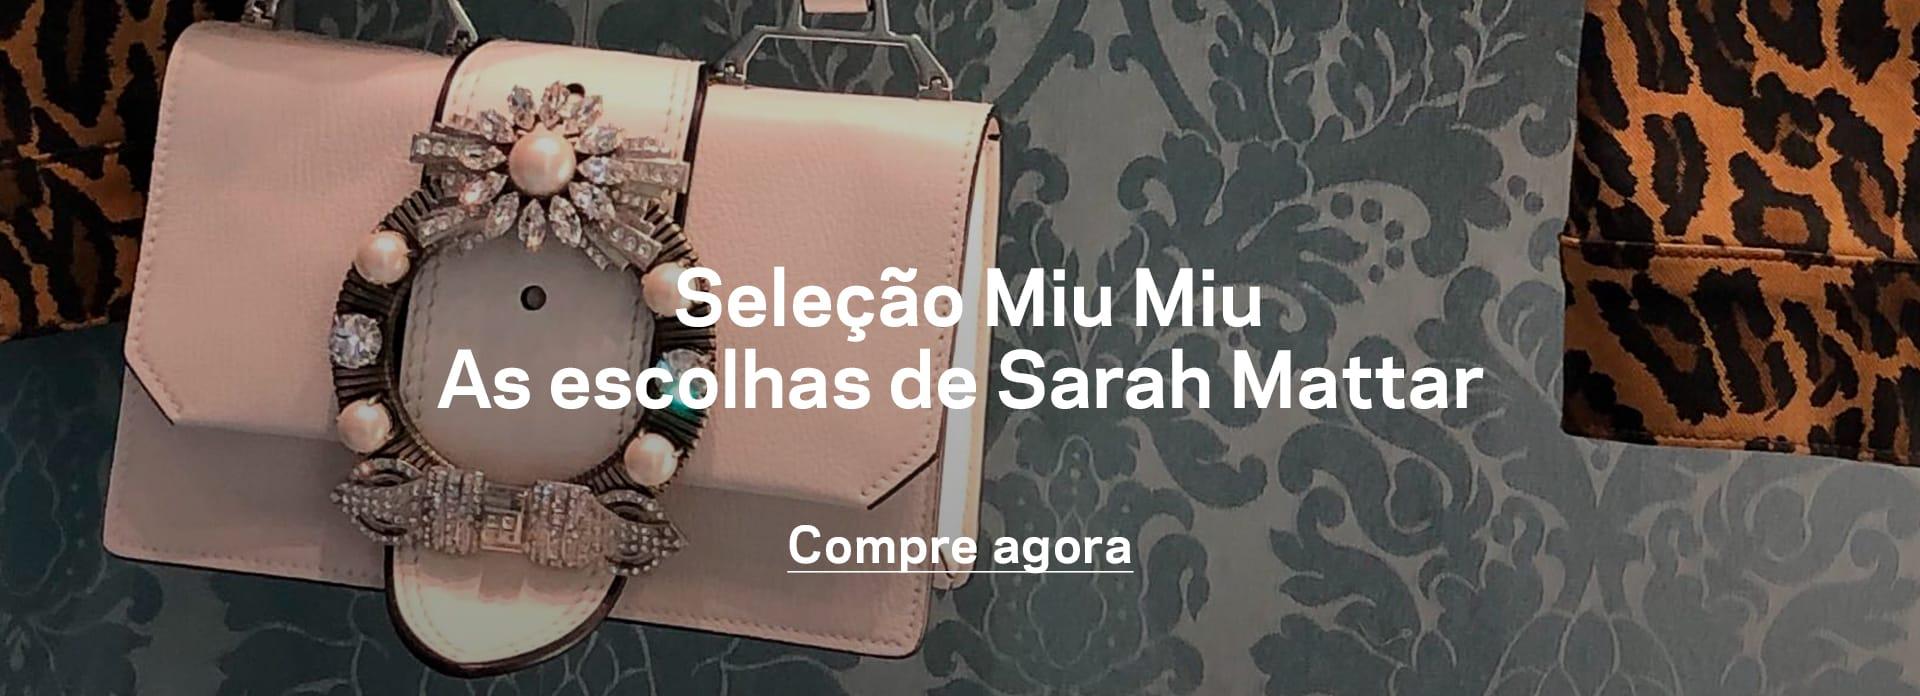 Seleção Miu Miu. As escolhas de Sarah Mattar. Compre agora